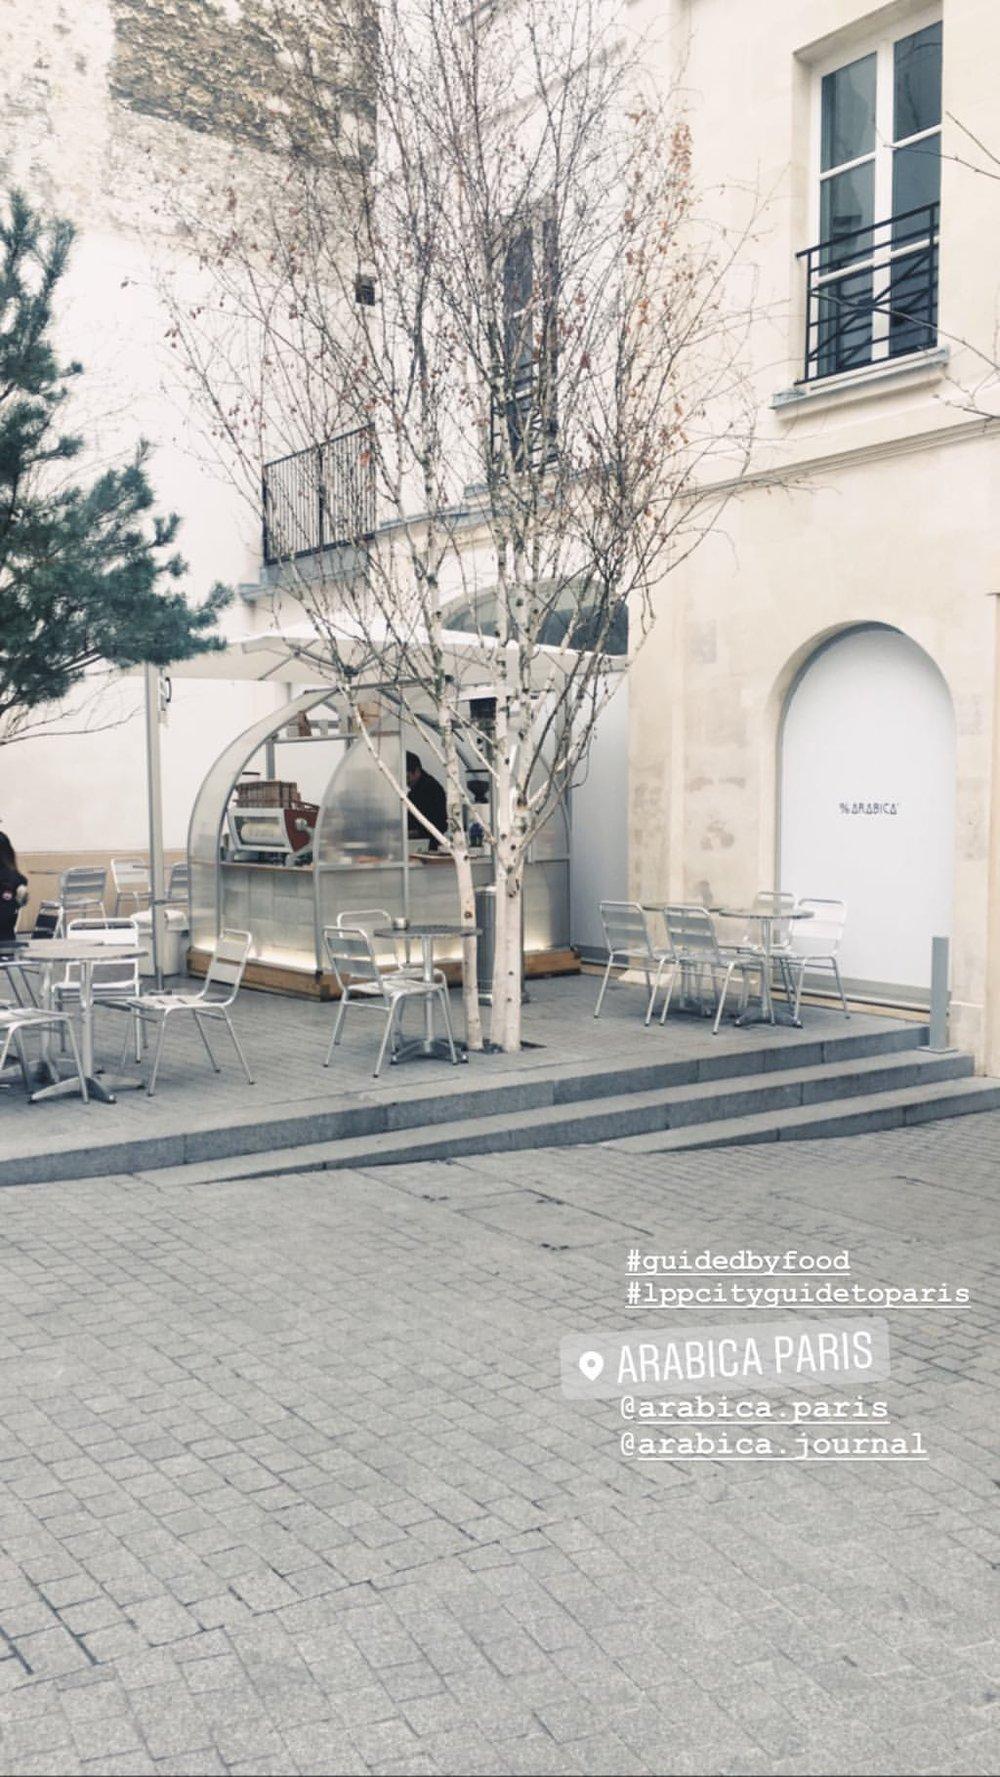 PARIS-FOOD-ARABICA-COFFEE-05.jpg